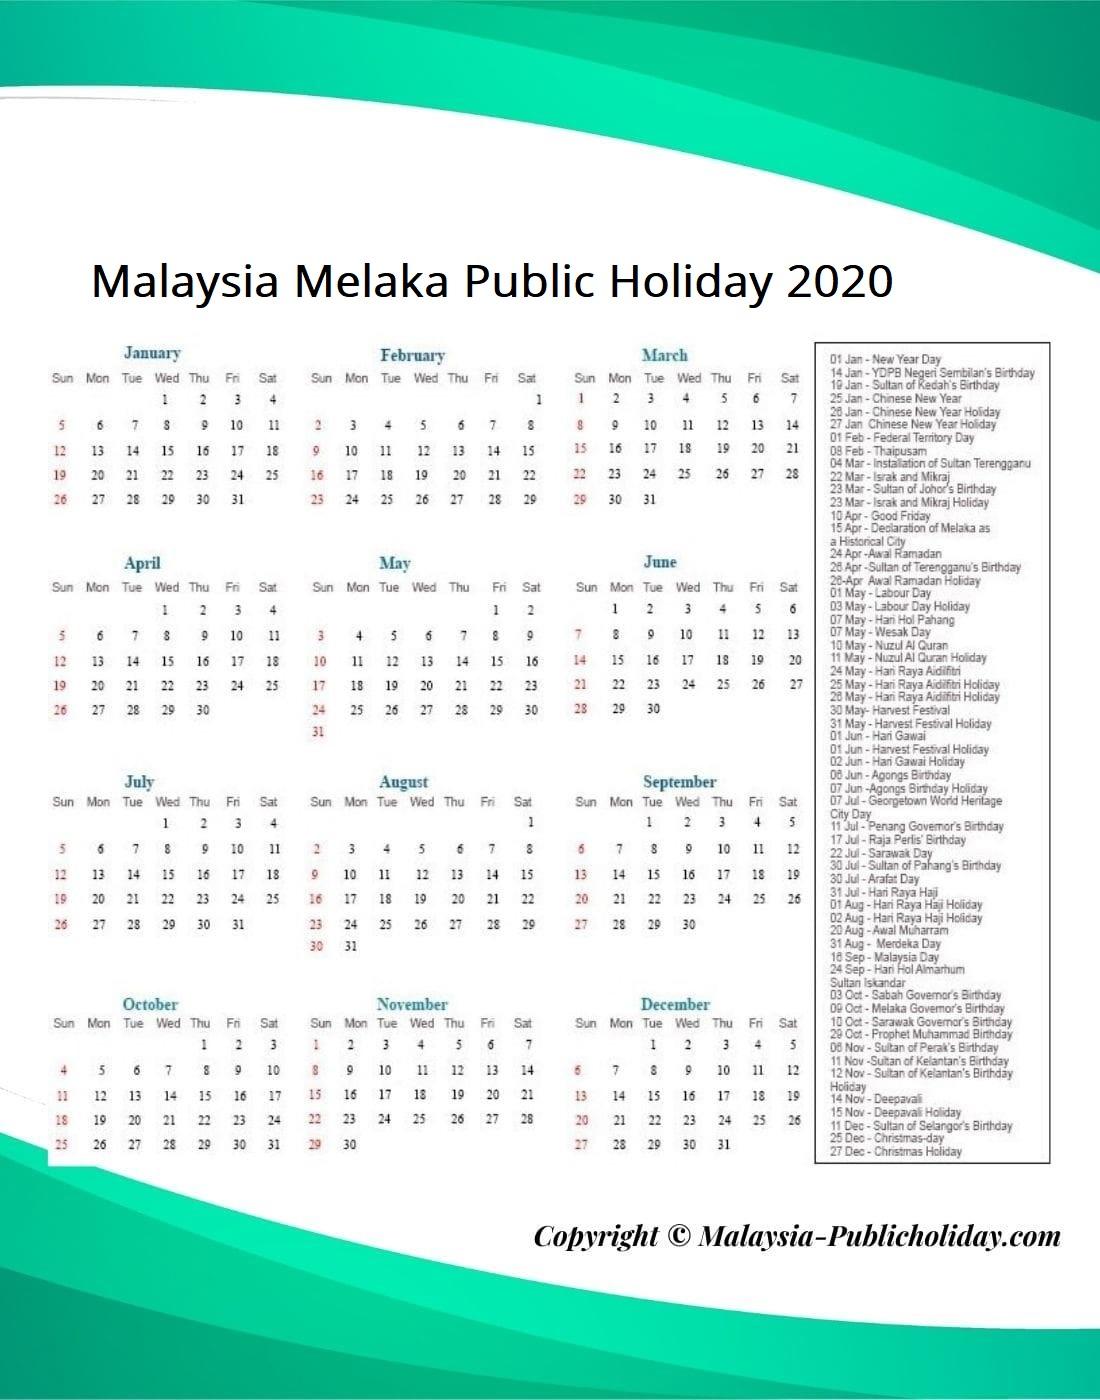 Melaka Public Holiday 2020